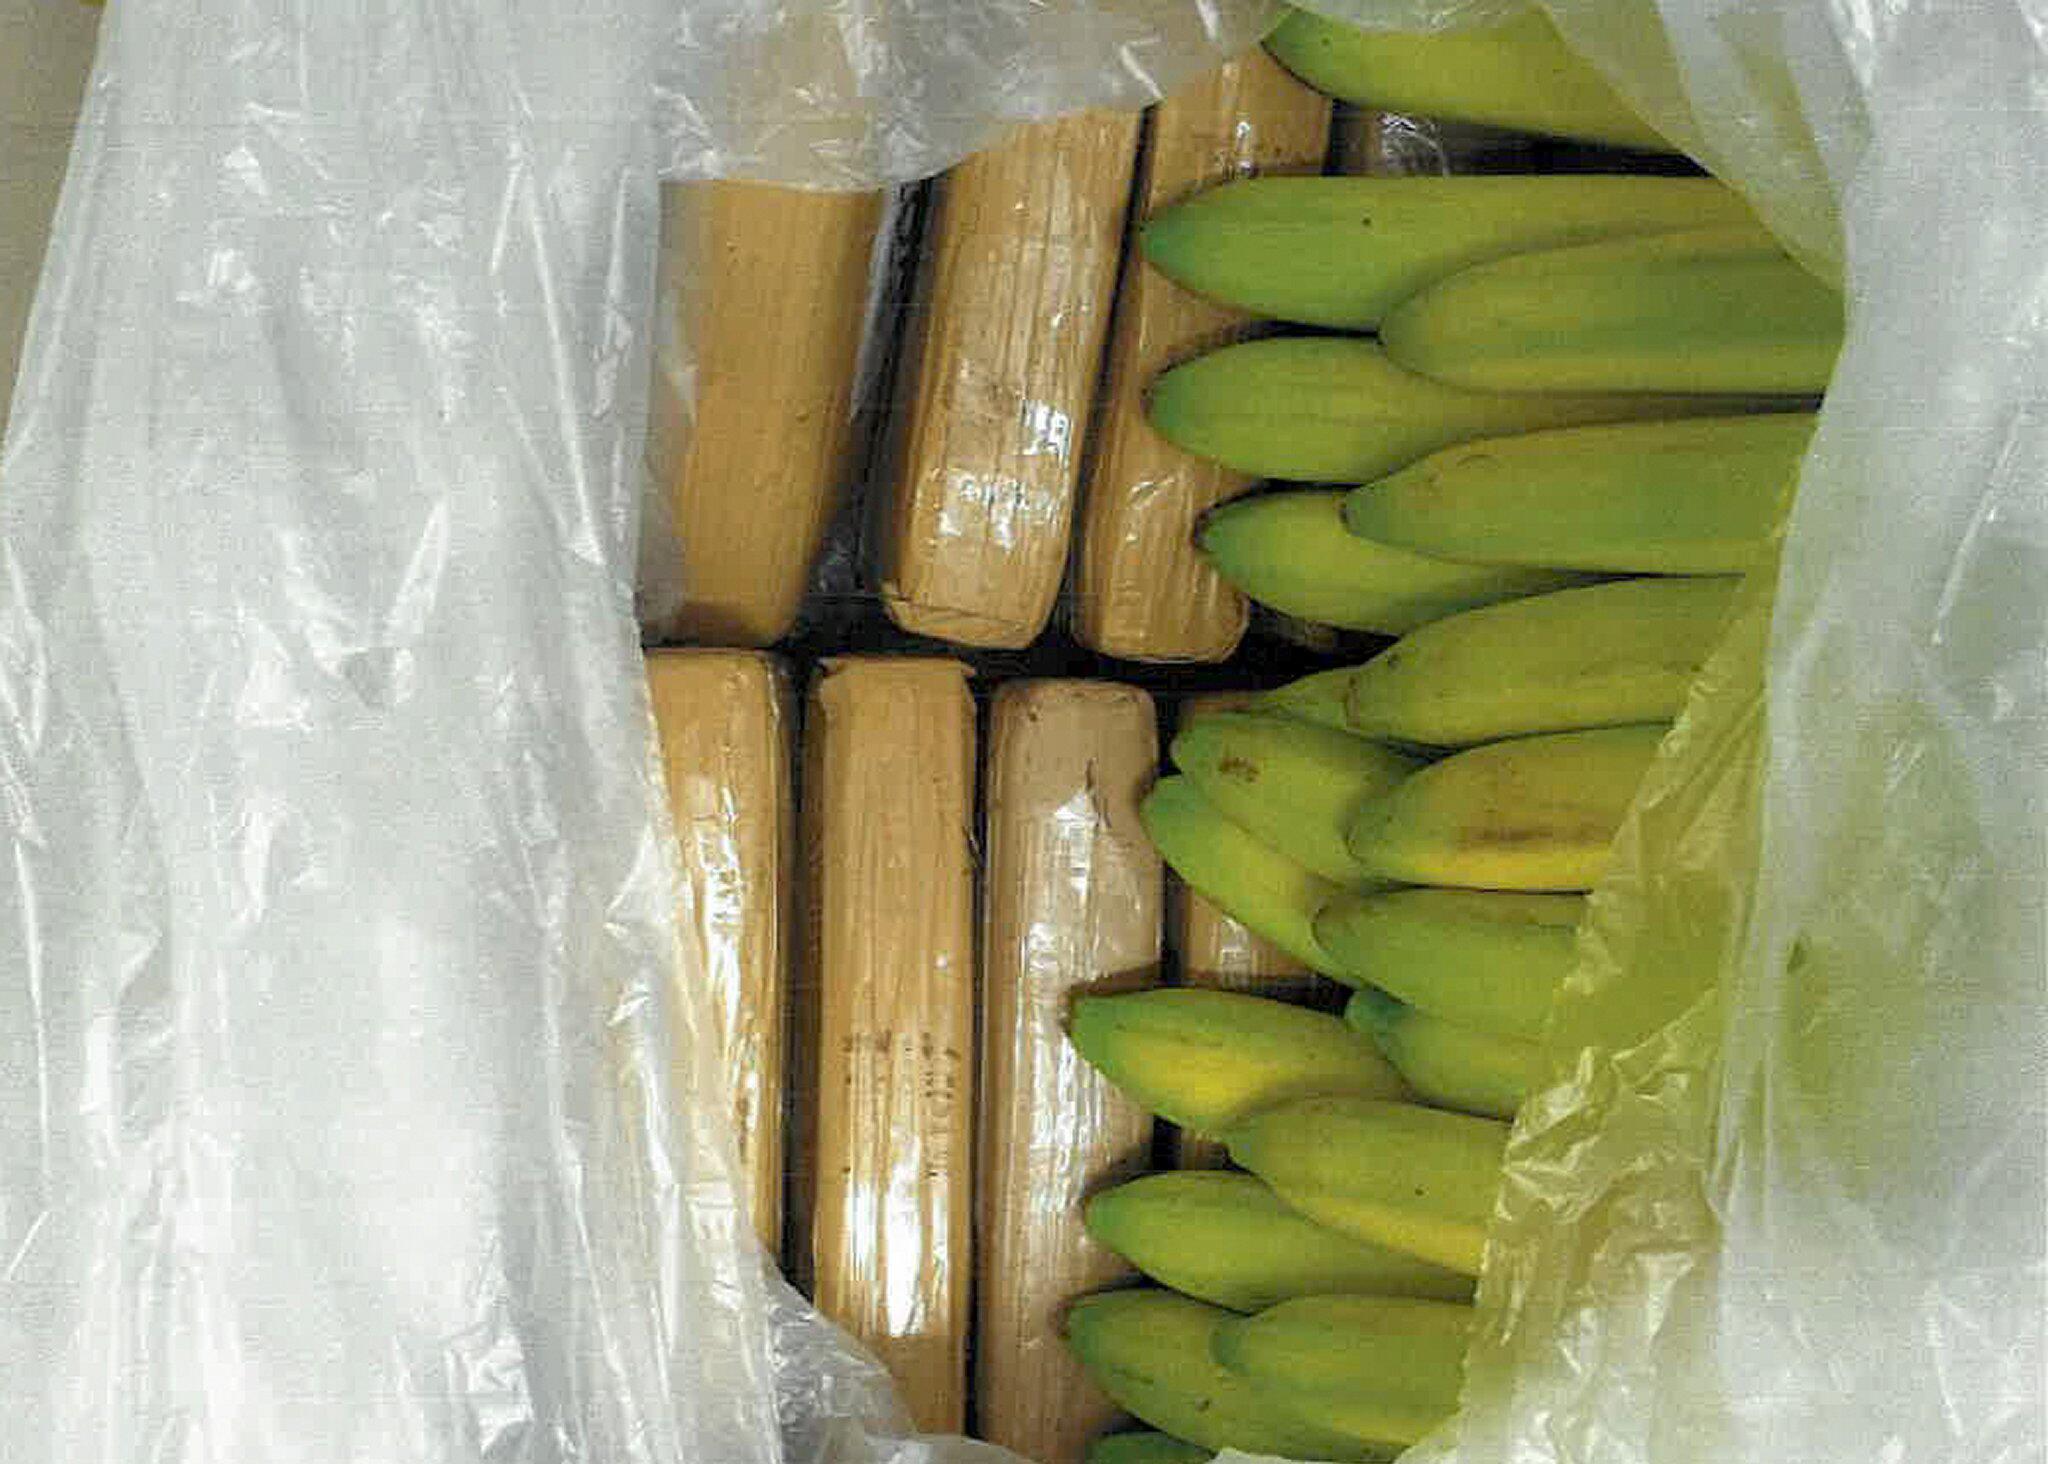 Bild zu Zollfahndung stellt 100 kg Kokain in Bananenlieferung sicher